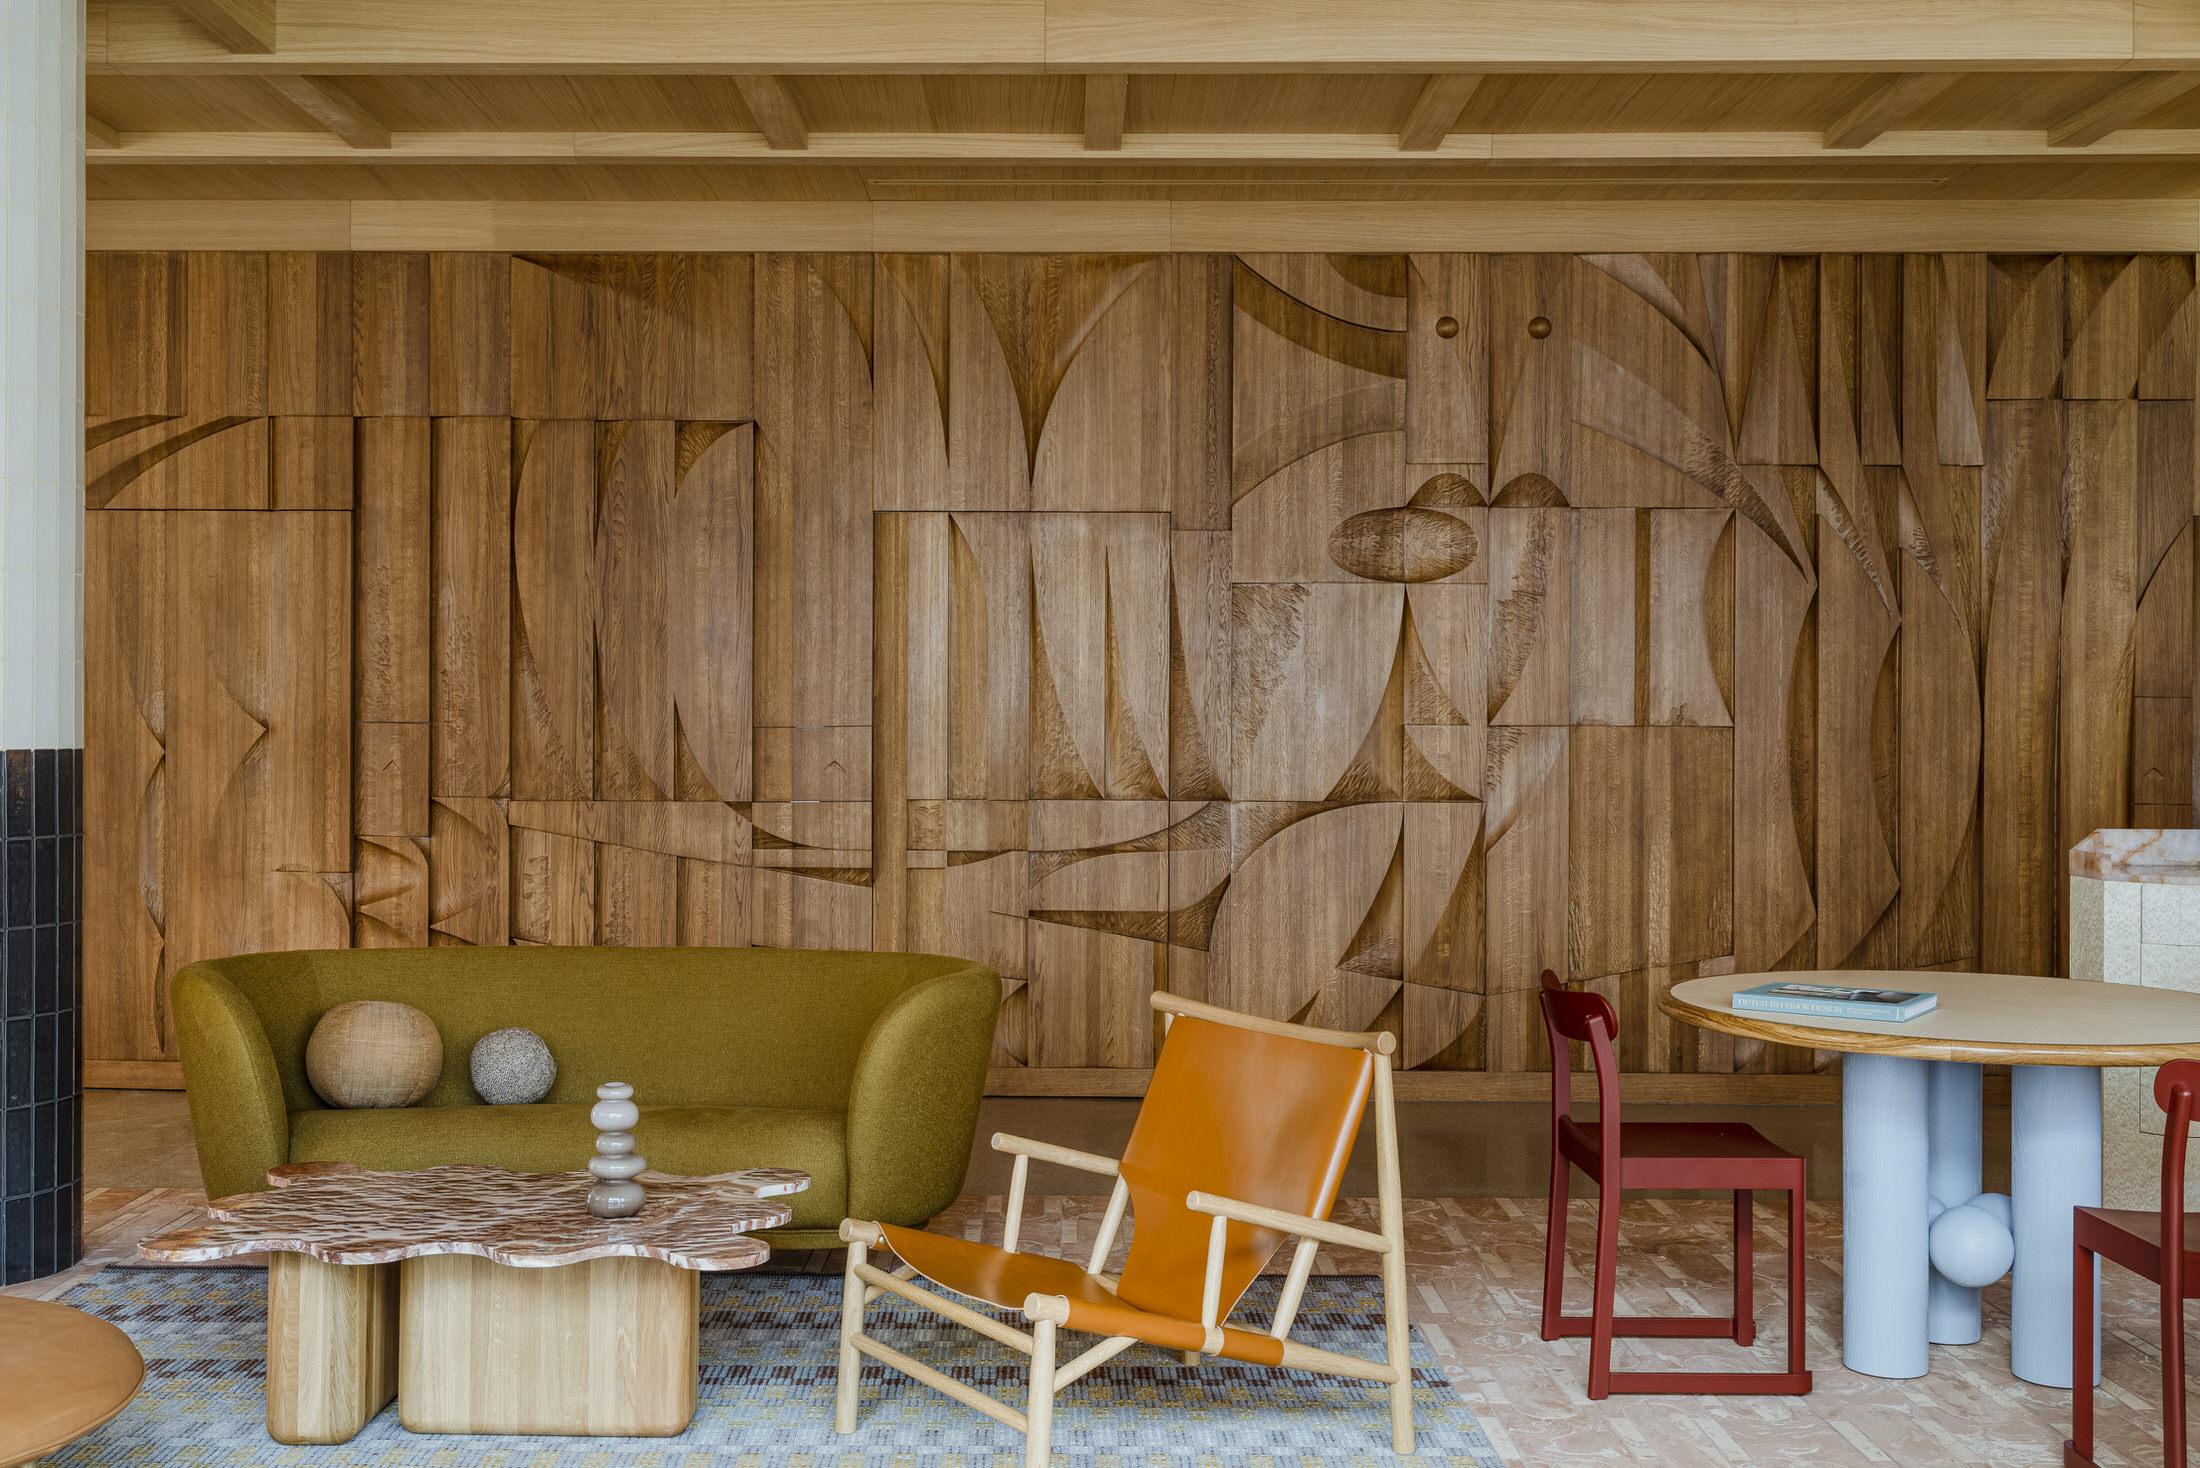 Paradowski Studio Puro Hotel Krakow Photo Pion Studio Yellowtrace 03